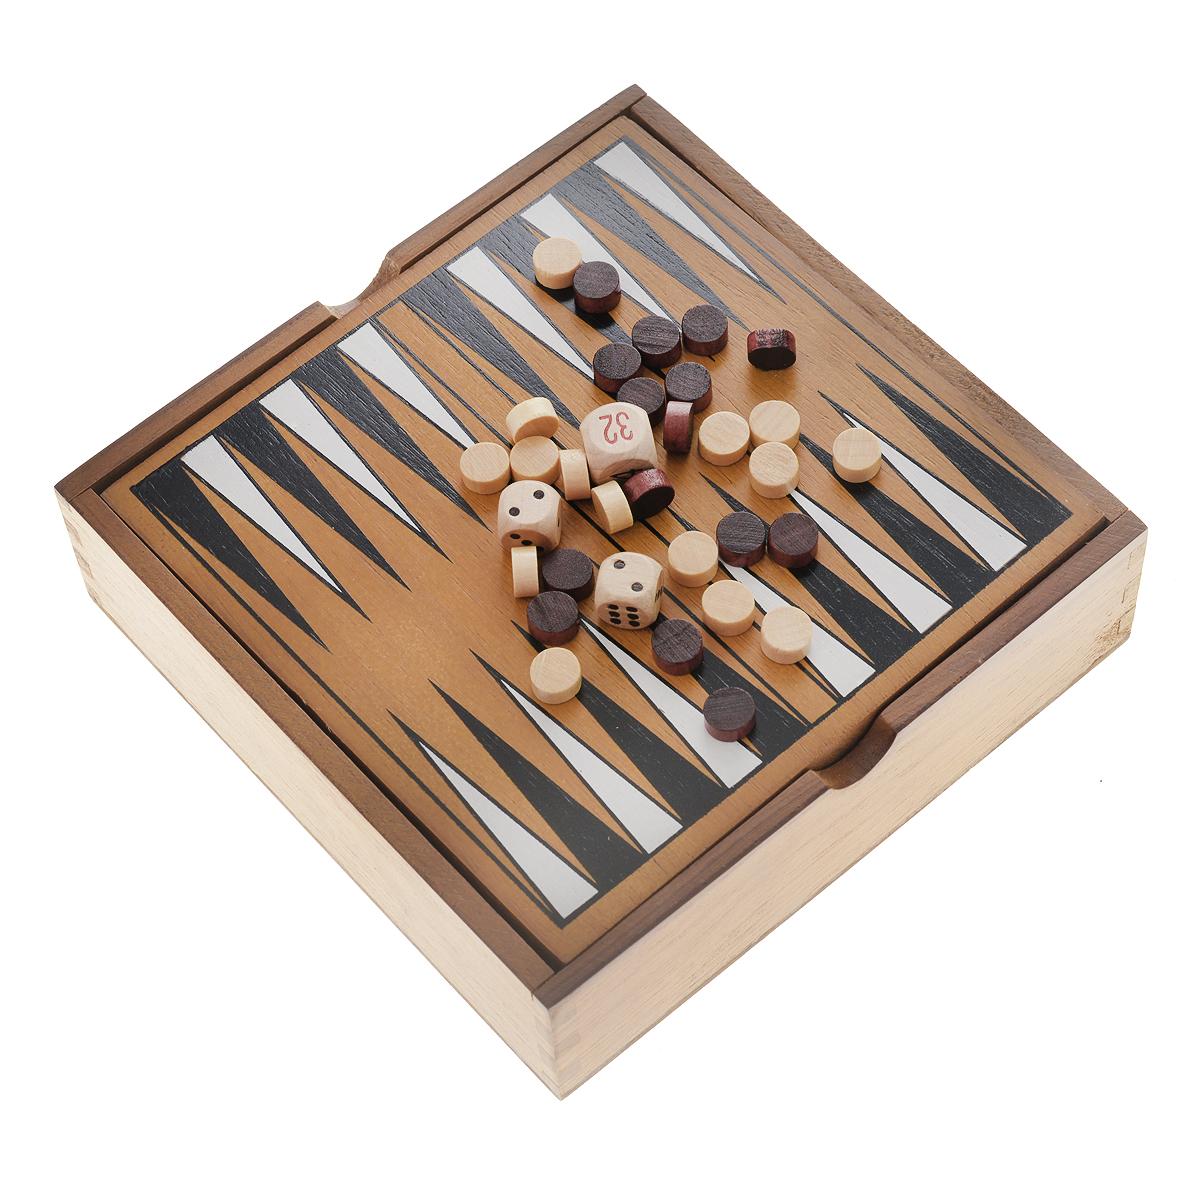 Настольная игра Tactic Games Backgammon14026NНастольная игра Backgammon (Нарды) от финского бренда Tactic Games - это отличный вариант классической игры, который всегда можно взять с собой. Правила игры остаются неизменными – бросайте кости и передвигайте свои фишки на другую сторону доски, занимая свободное пространство. Кто из соперников сделает это первым, признается победителем. Доской для игры является деревянный короб, который очень удобен для хранения шашек, что очень практично, особенно в путешествии. Возраст игроков: от 7 лет и старше. Количество участников: 2 человека. В комплекте: 30 шашек, 2 игральных кубика, игровое поле, правила игры.